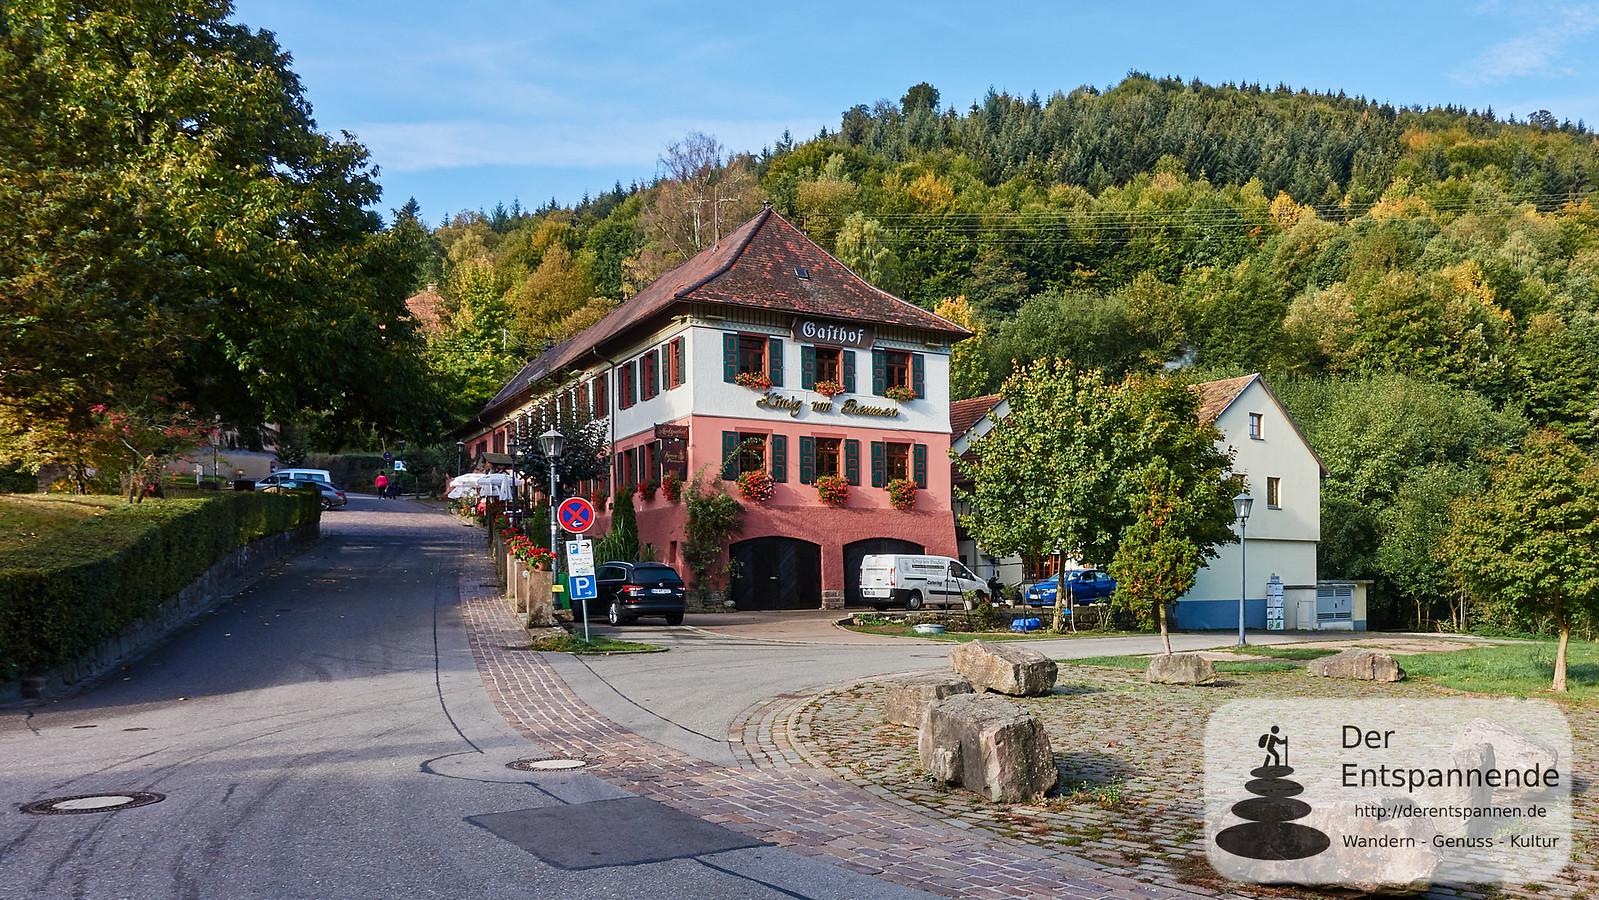 Landgasthof König von Preussen